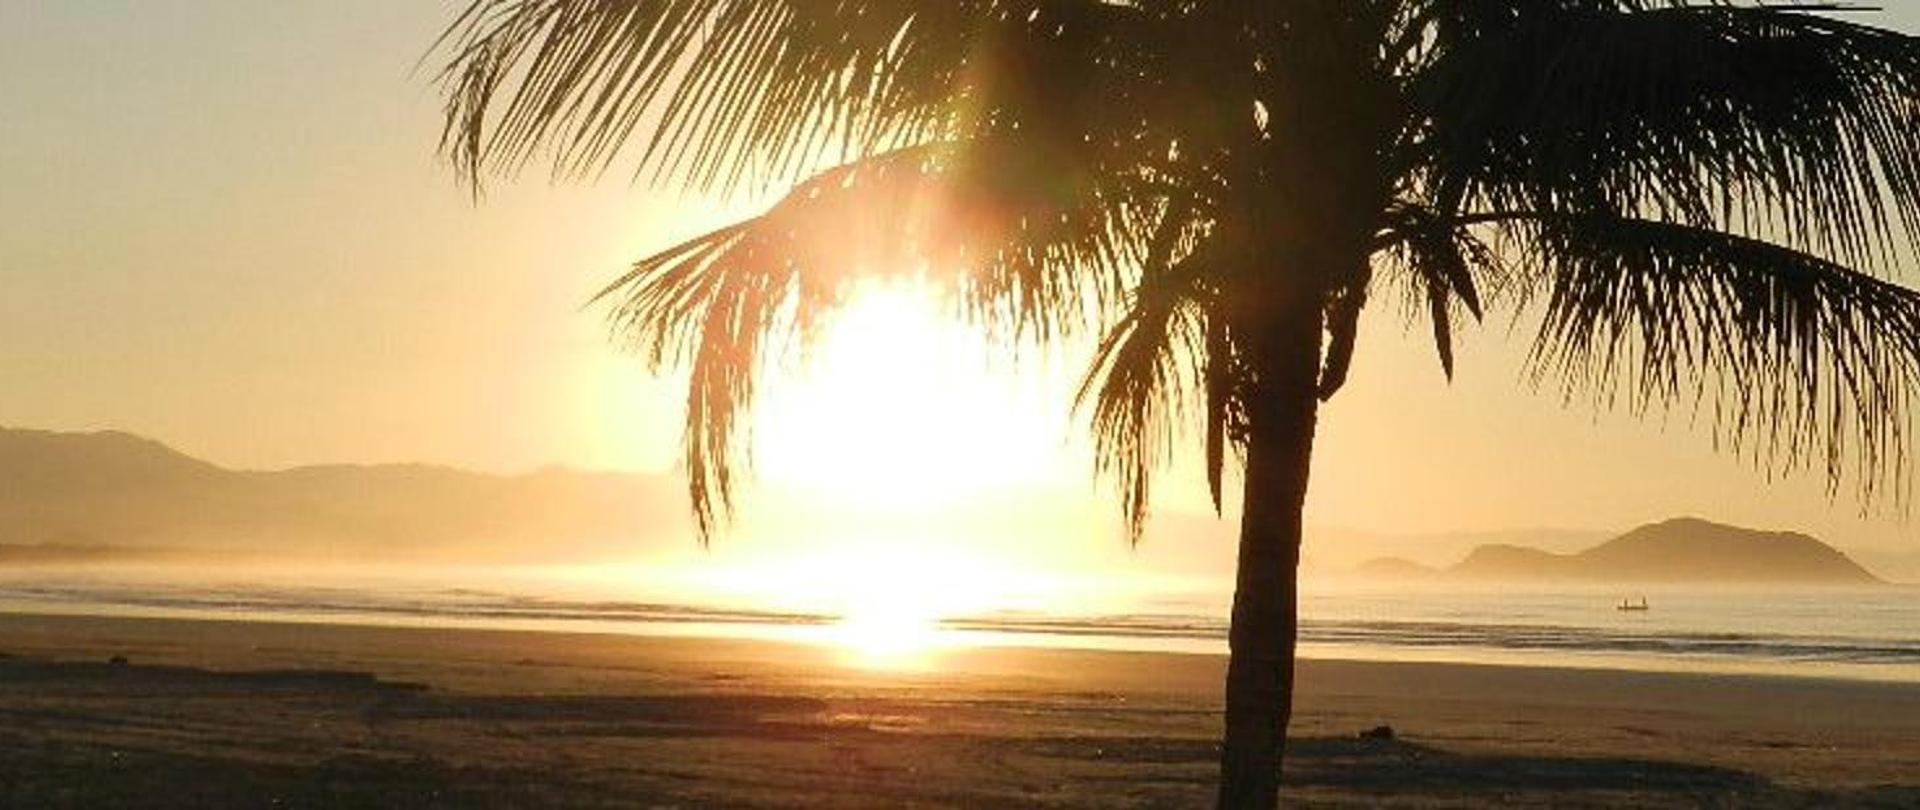 Pousada Atlantic Sun